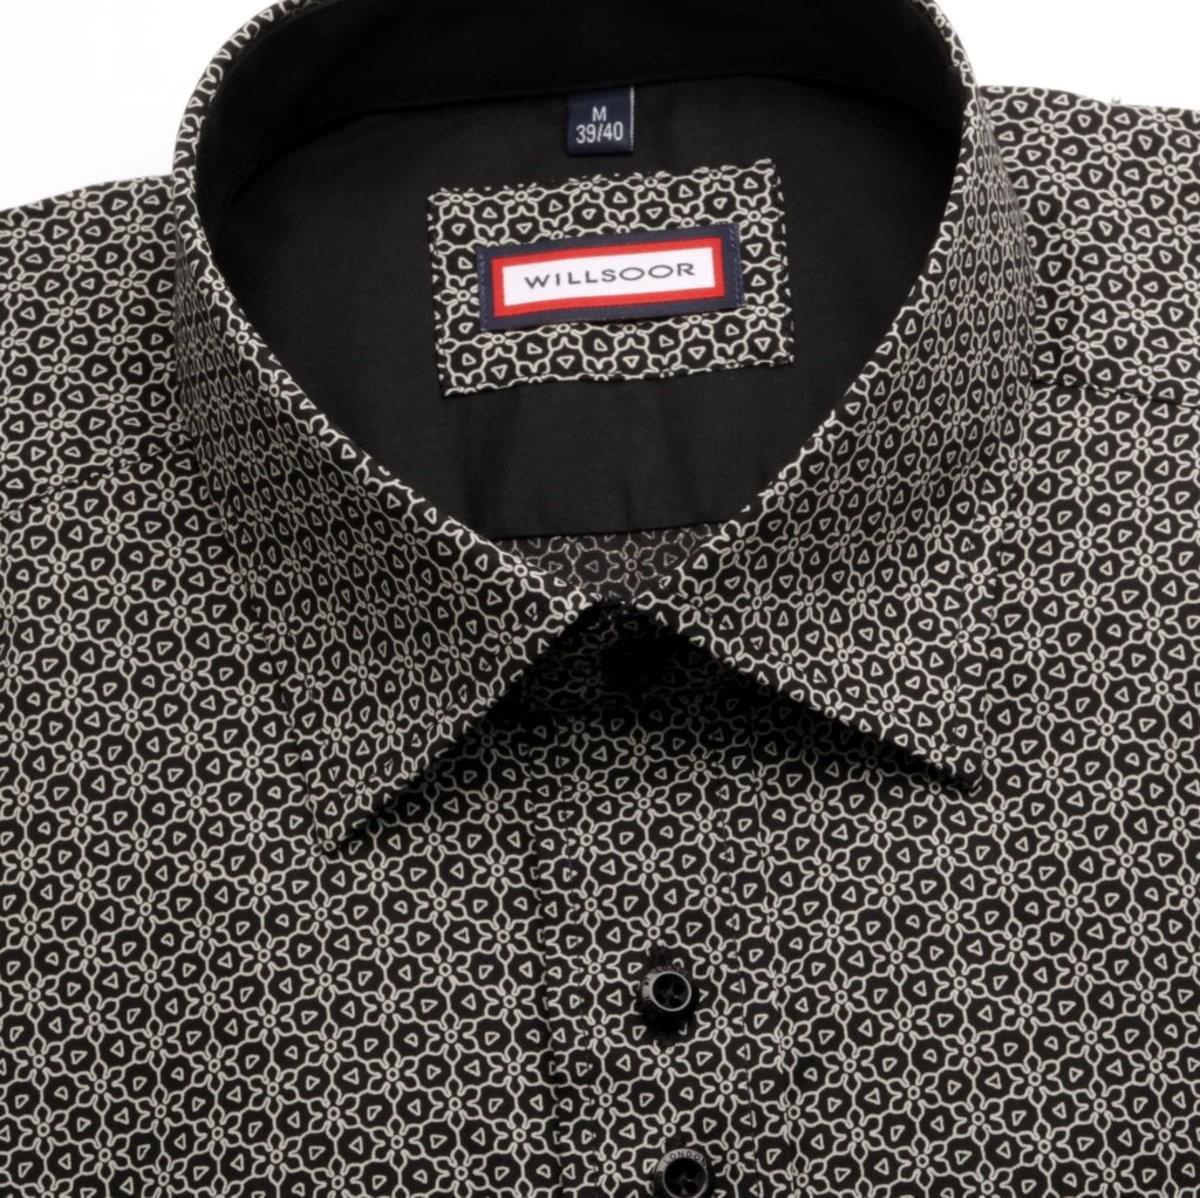 Pánská slim fit košile WR Slim Fit (výška 176-182) 5158 v černé barvě 176-182 / XL (43/44)